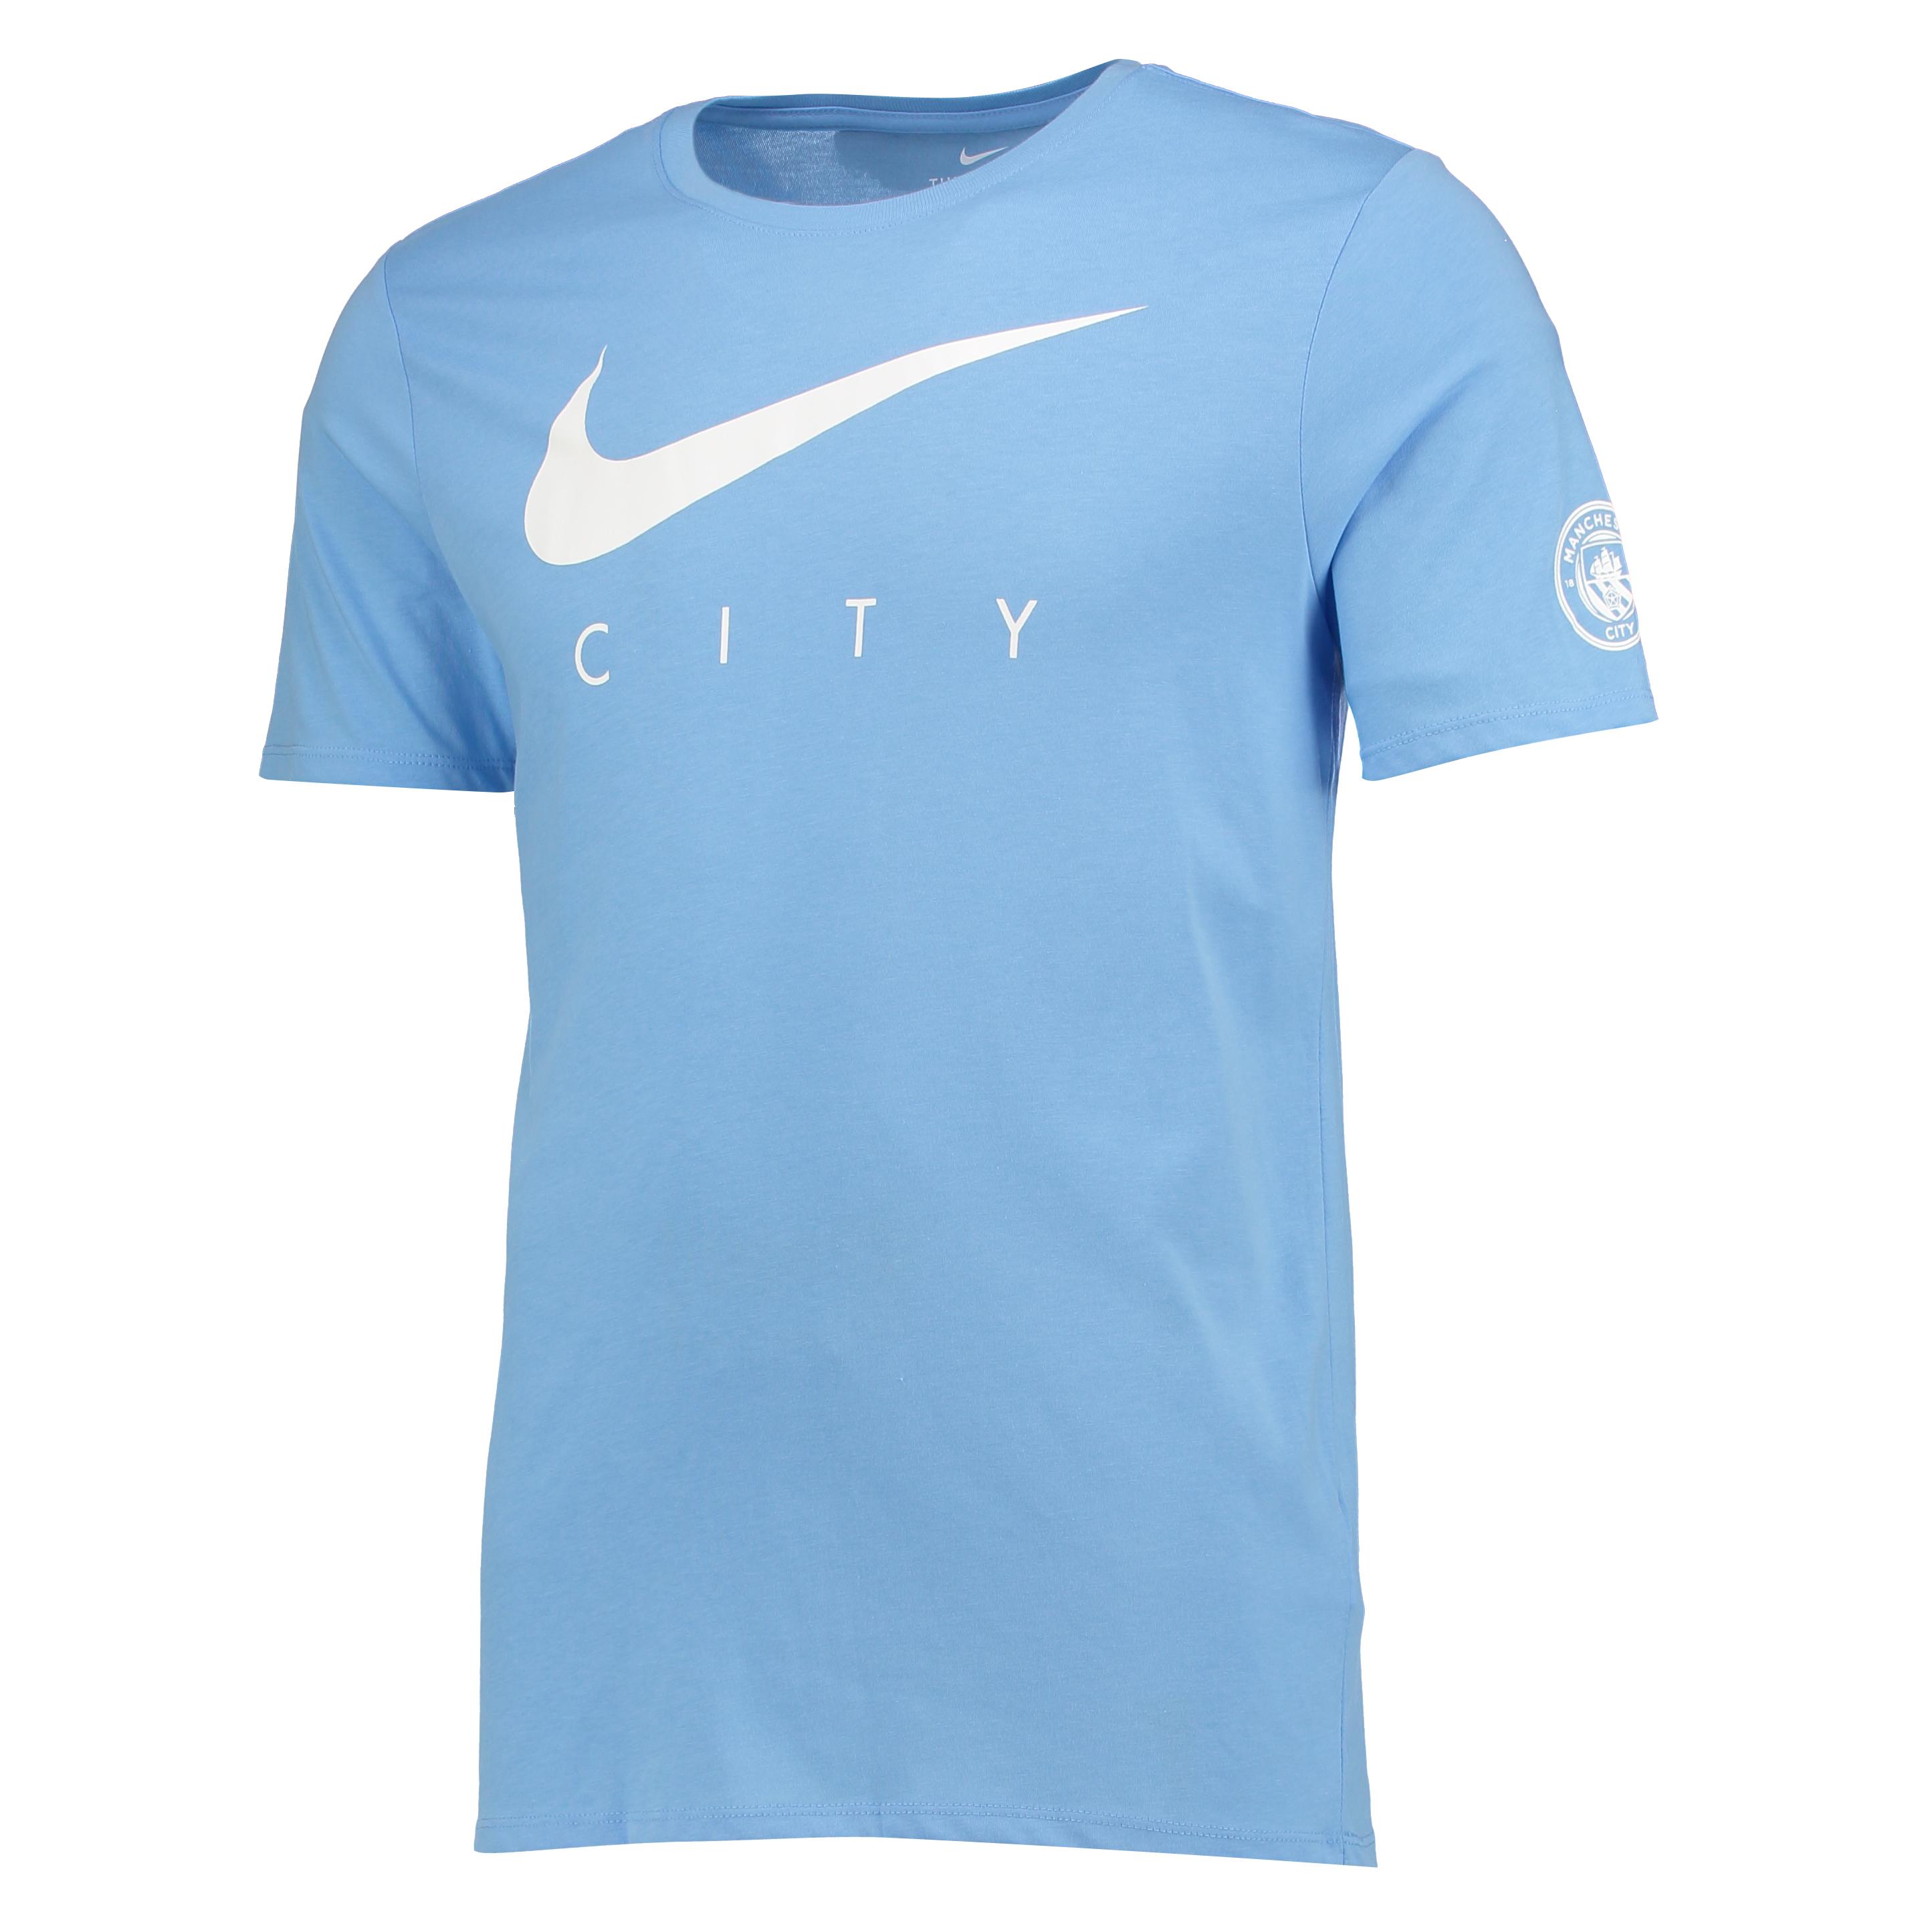 Manchester City Pre-Season T-Shirt - Light Blue